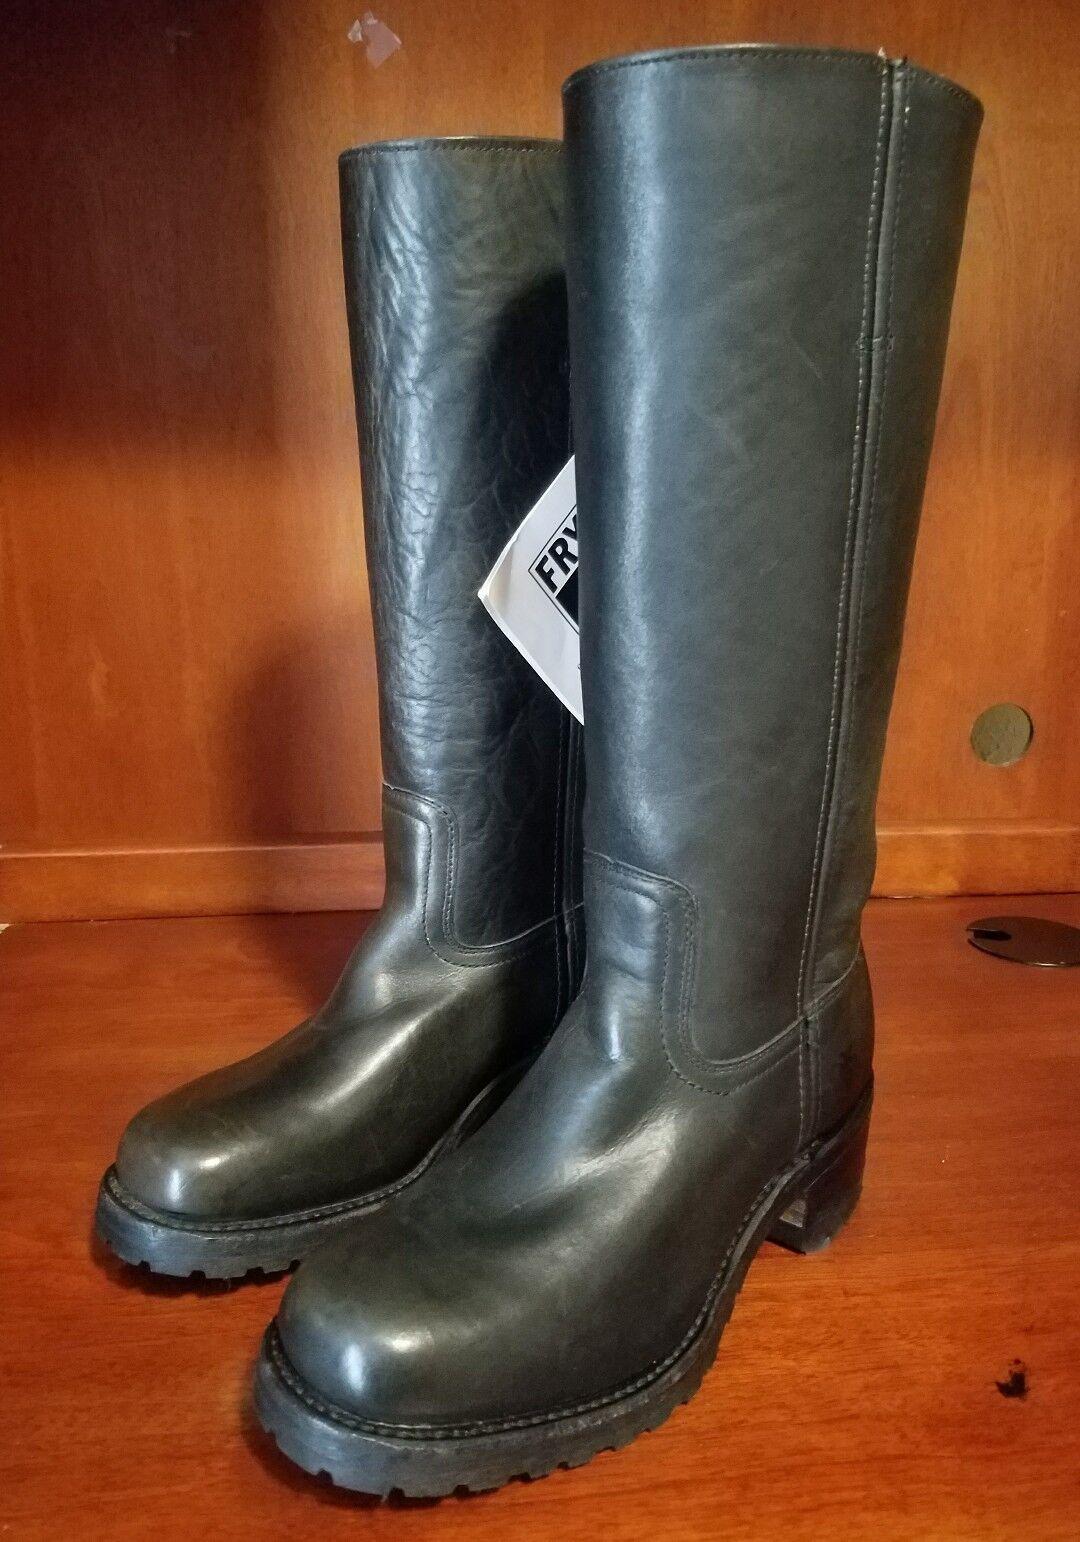 Frye Women Dark Metallic 7M, Gray Fashion Stiefel Size 7M, Metallic 7.5M *Each Sold Separately 7d06e8